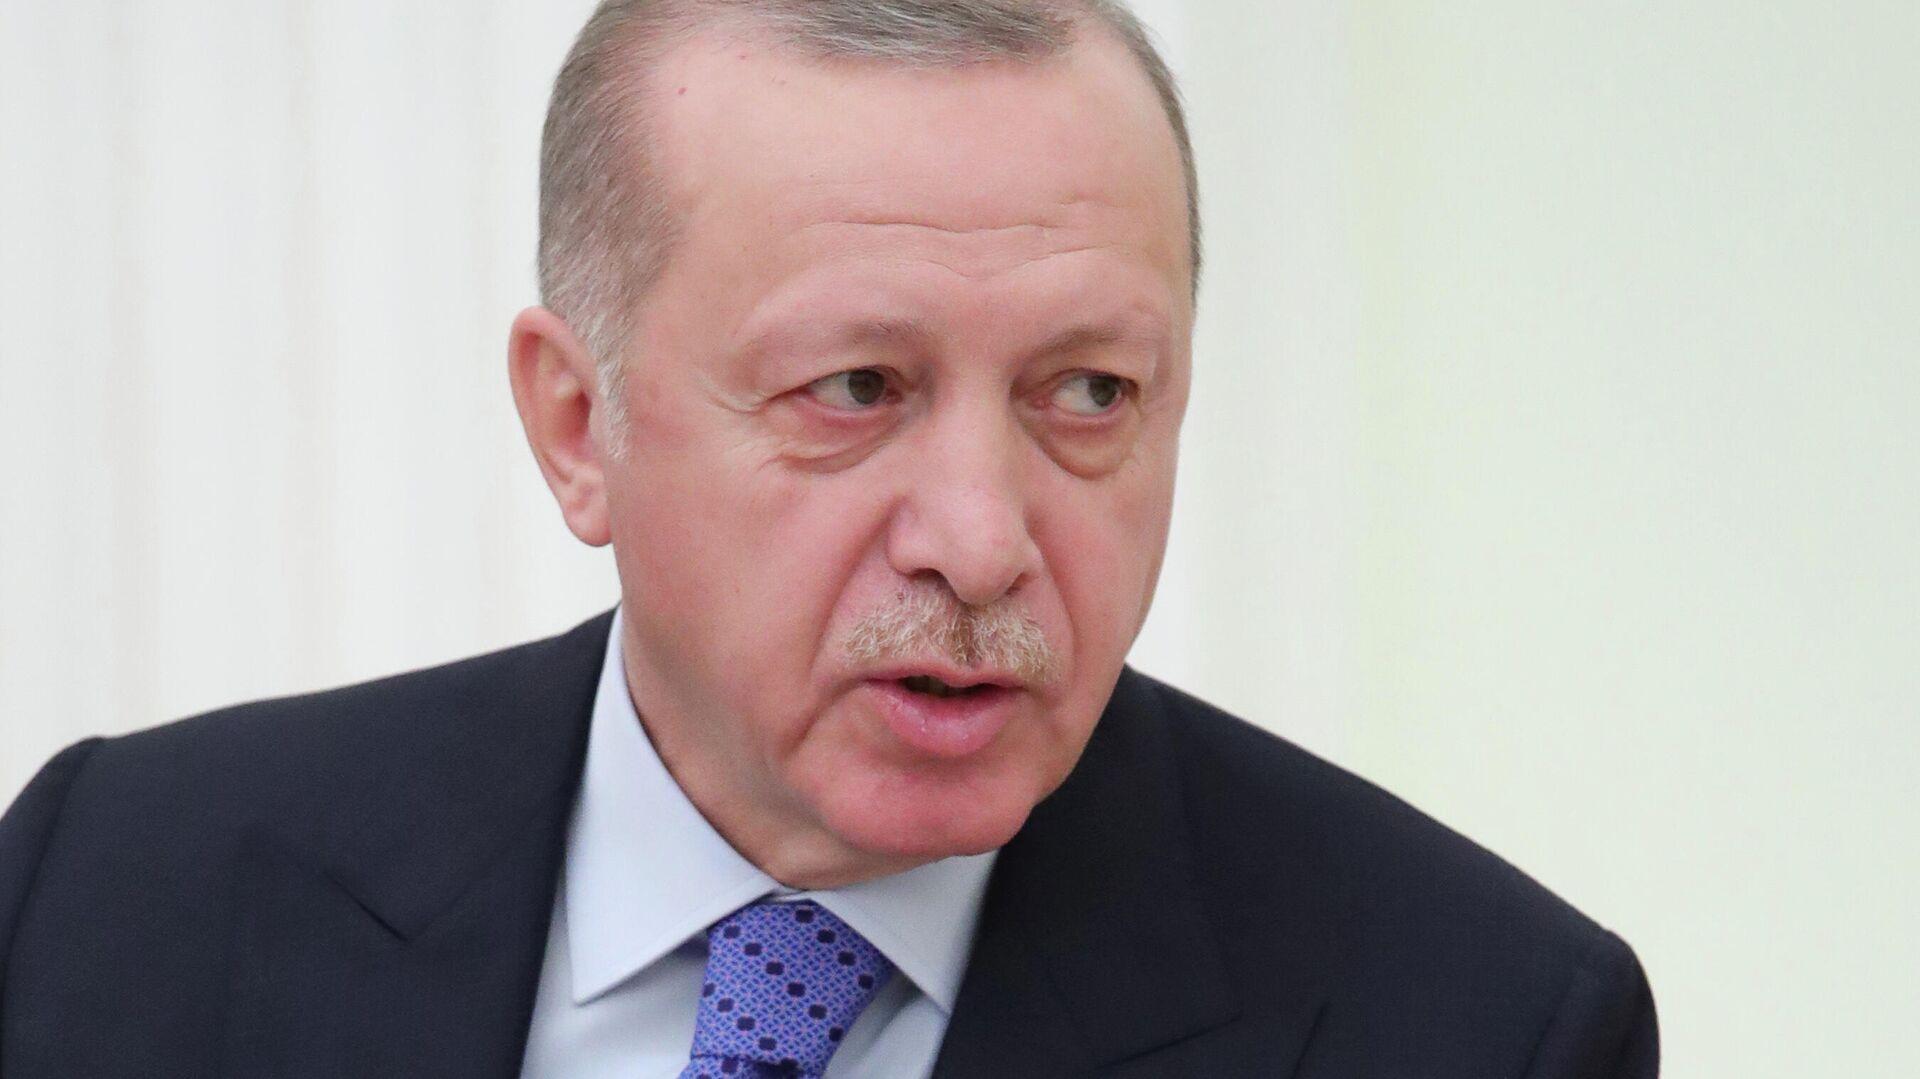 Президент Турции Реджеп Тайип Эрдоган во время встречи с президентом РФ Владимиром Путиным - РИА Новости, 1920, 22.09.2020